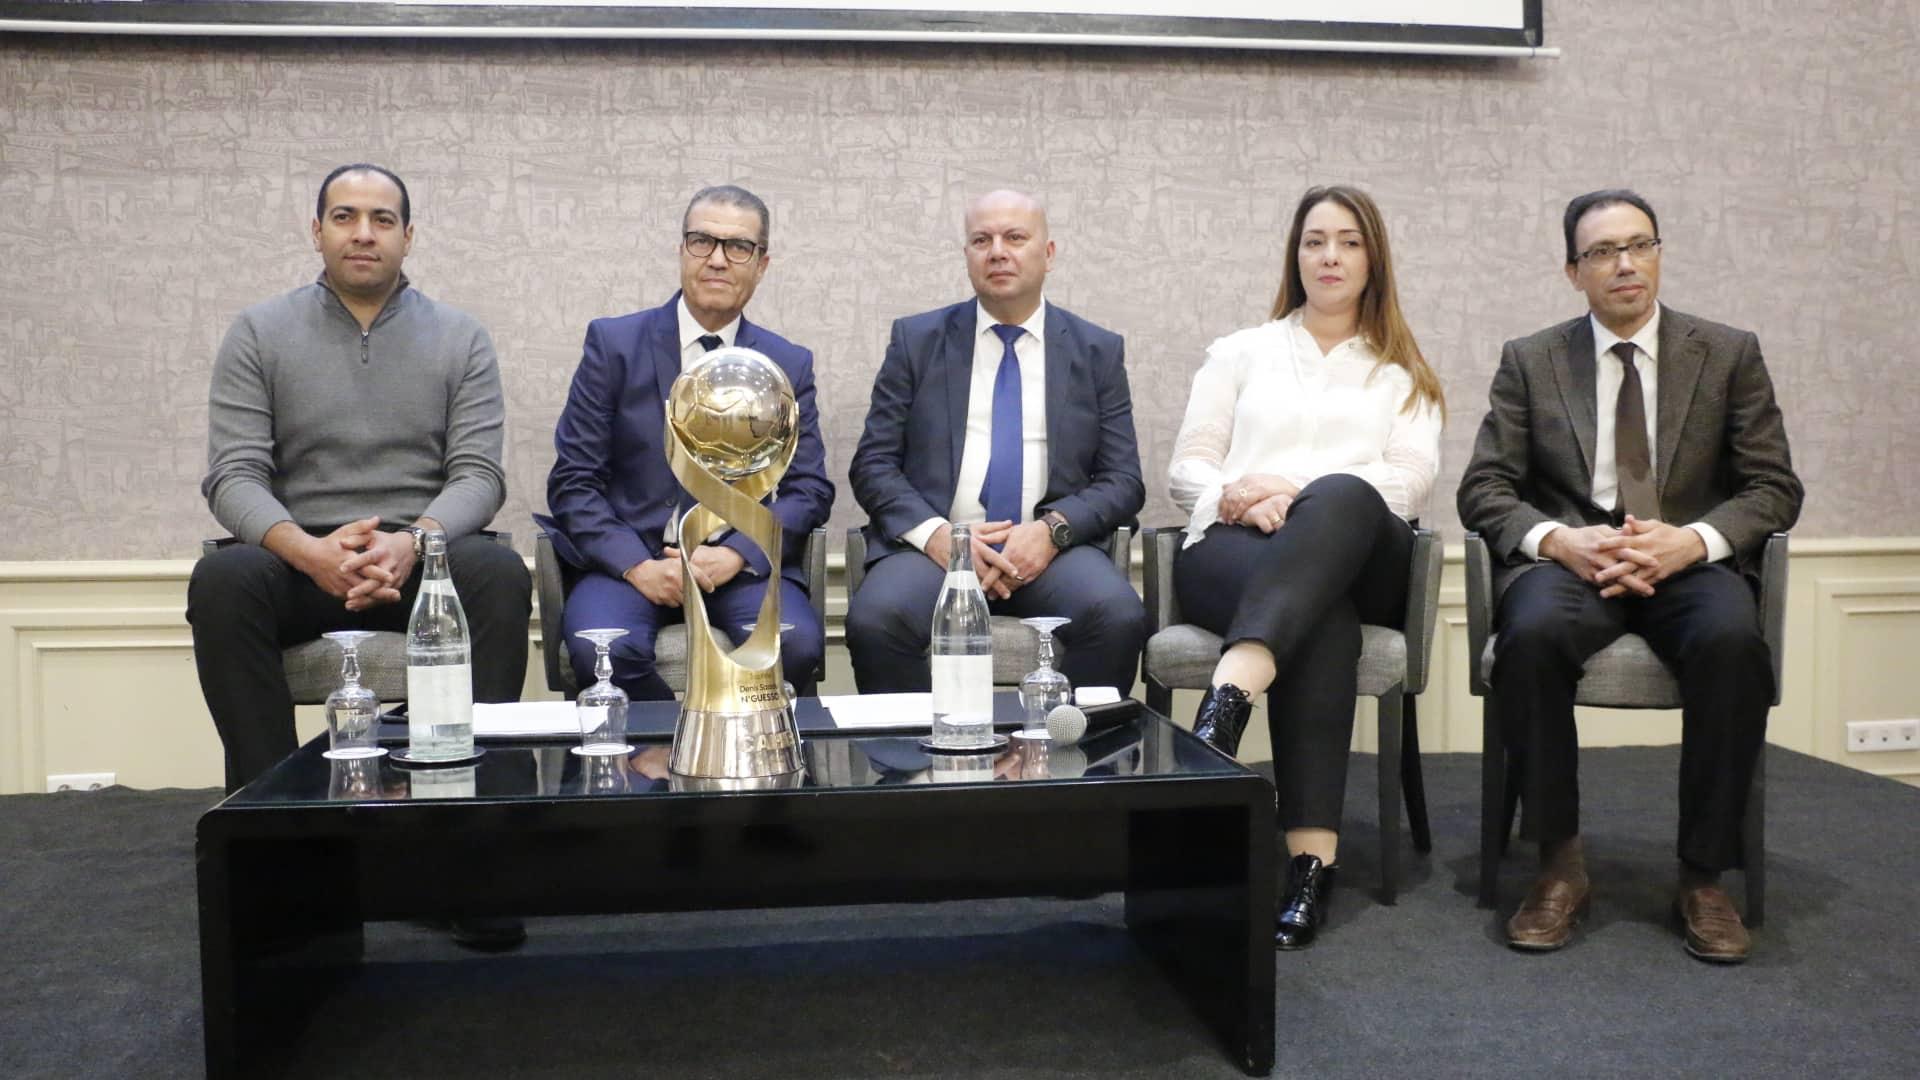 cérémonie de signature d'un Contrat de Sponsoring Officiel entre la Fédération Tunisienne de Handball et  OLA Energy Tunisie